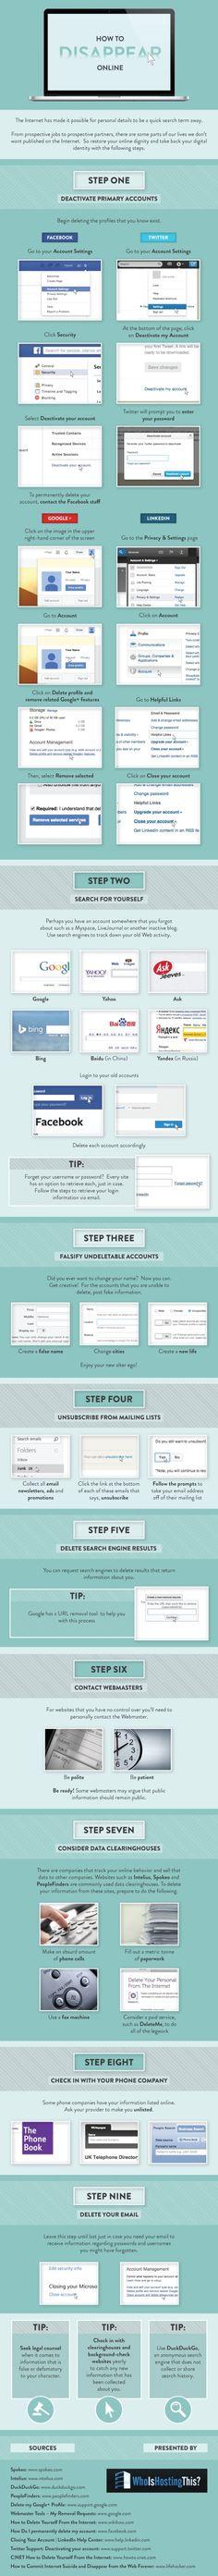 Infografía para aprender cómo borrarte de Internet... y quedar semi incomunidado.